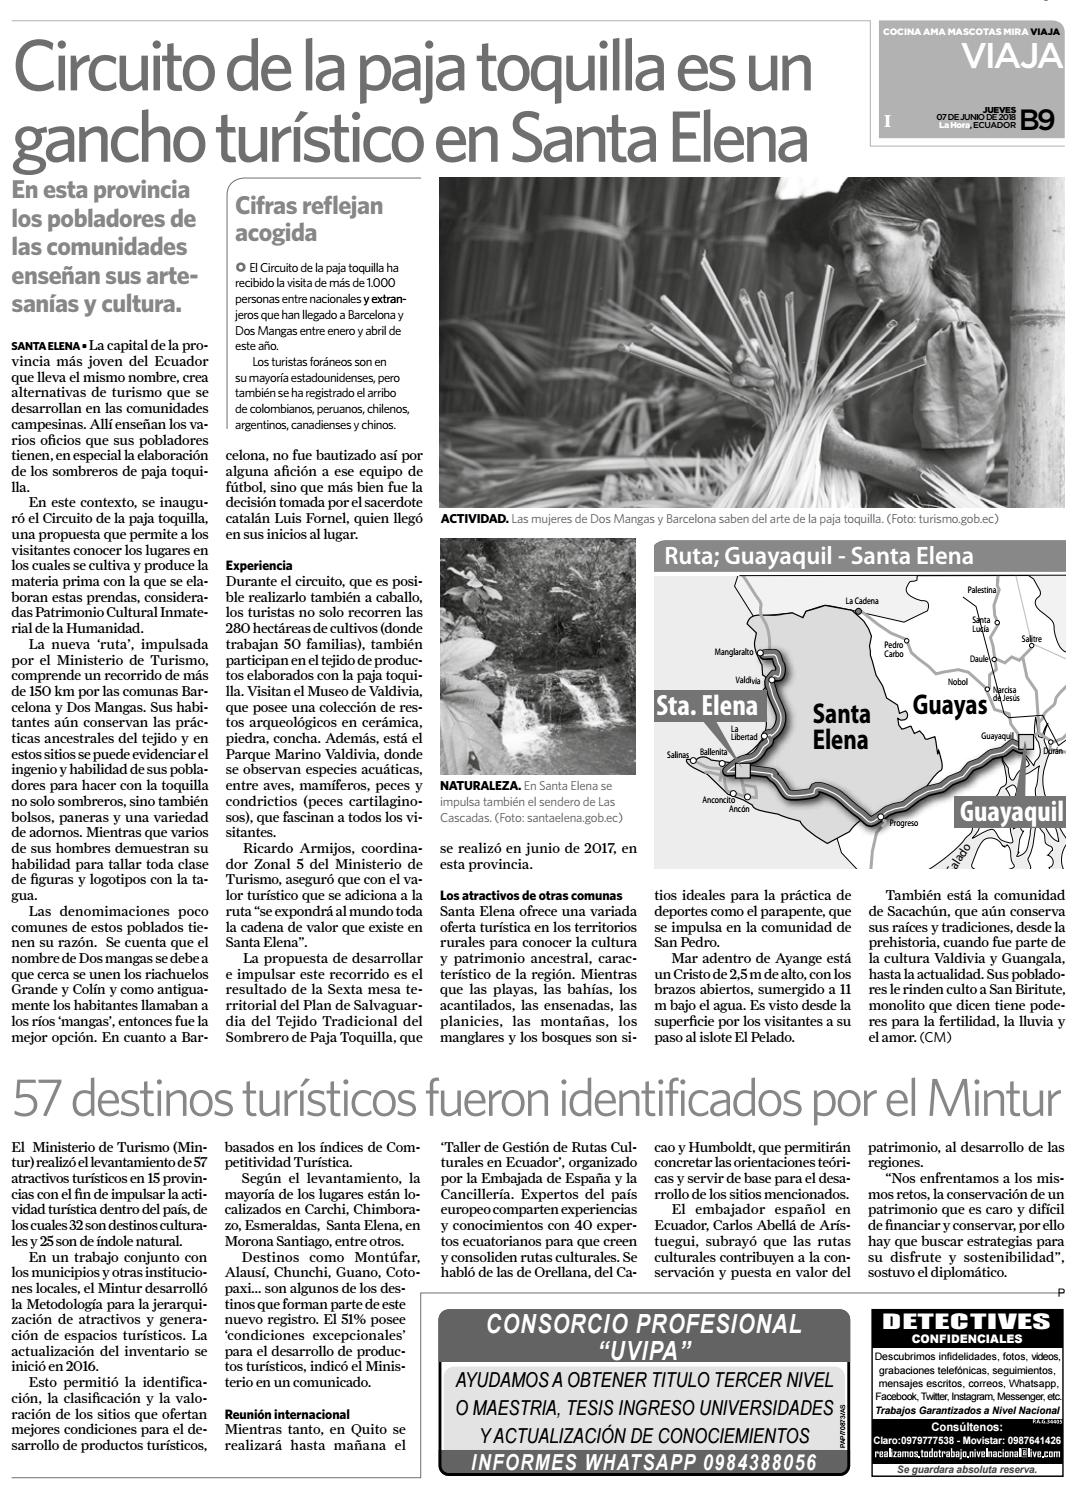 Los Ríos 07 de junio de 2018 by Diario La Hora Ecuador - issuu 9443e448424